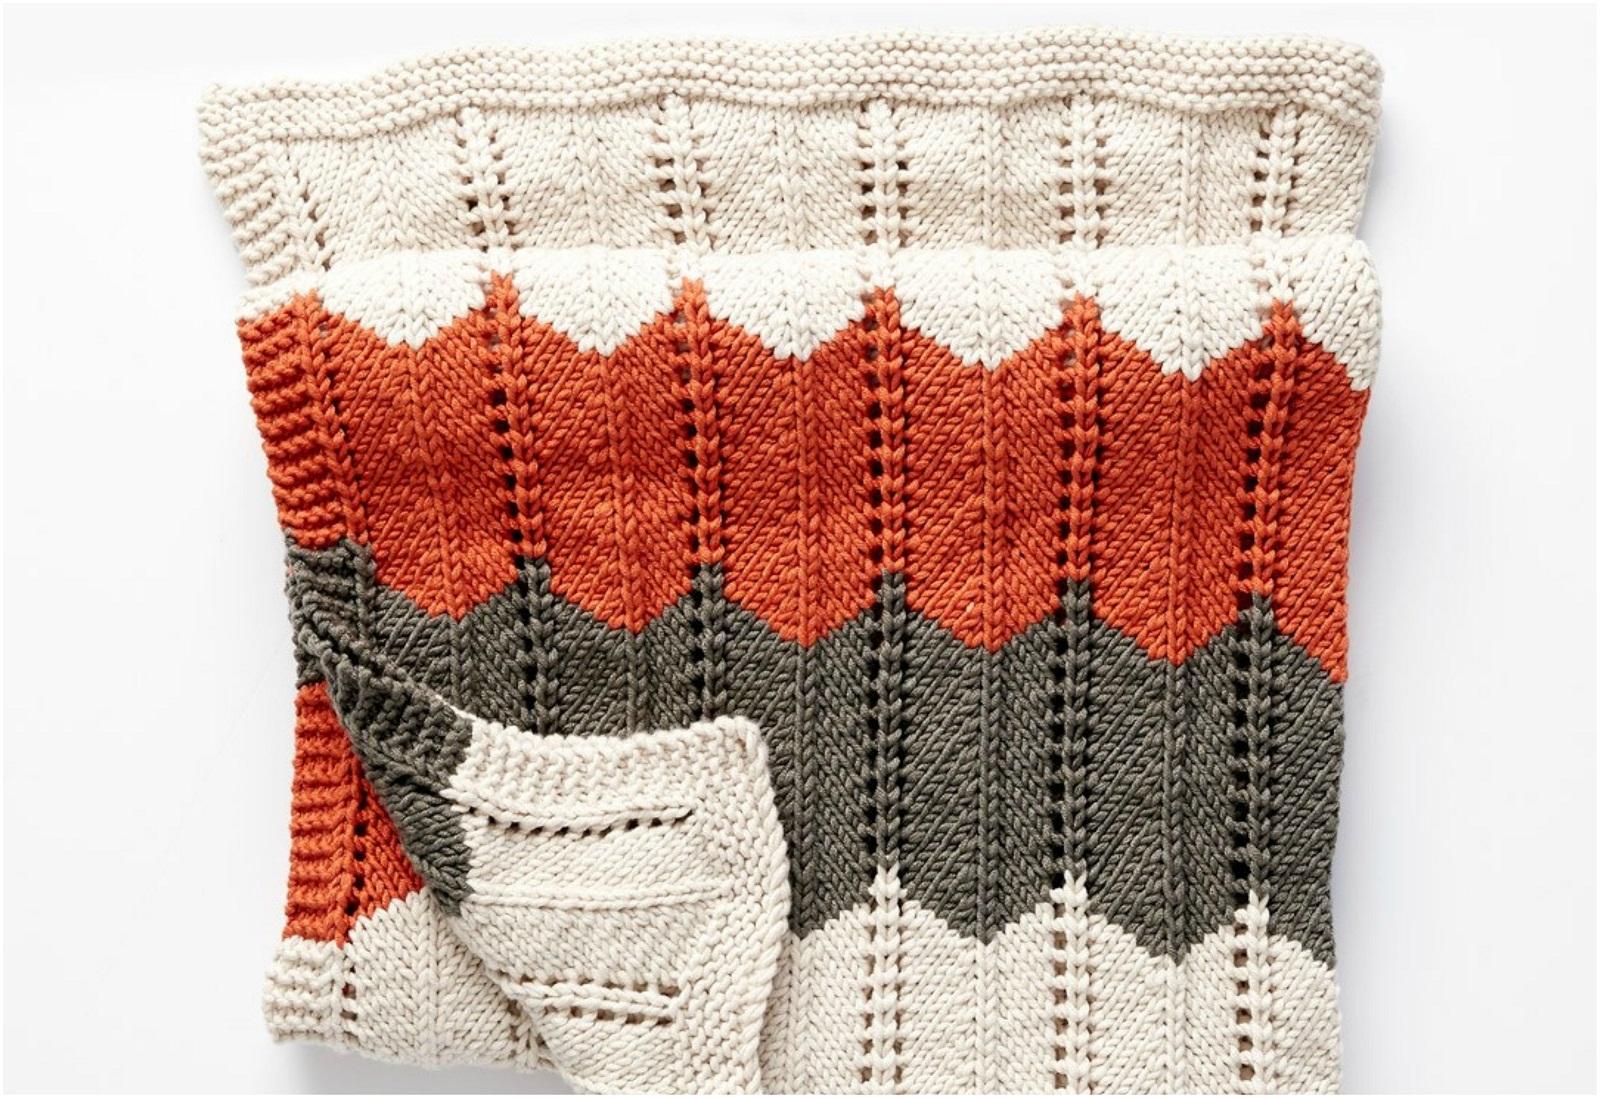 Ripple & Ridge Blanket – Free Knitting Pattern